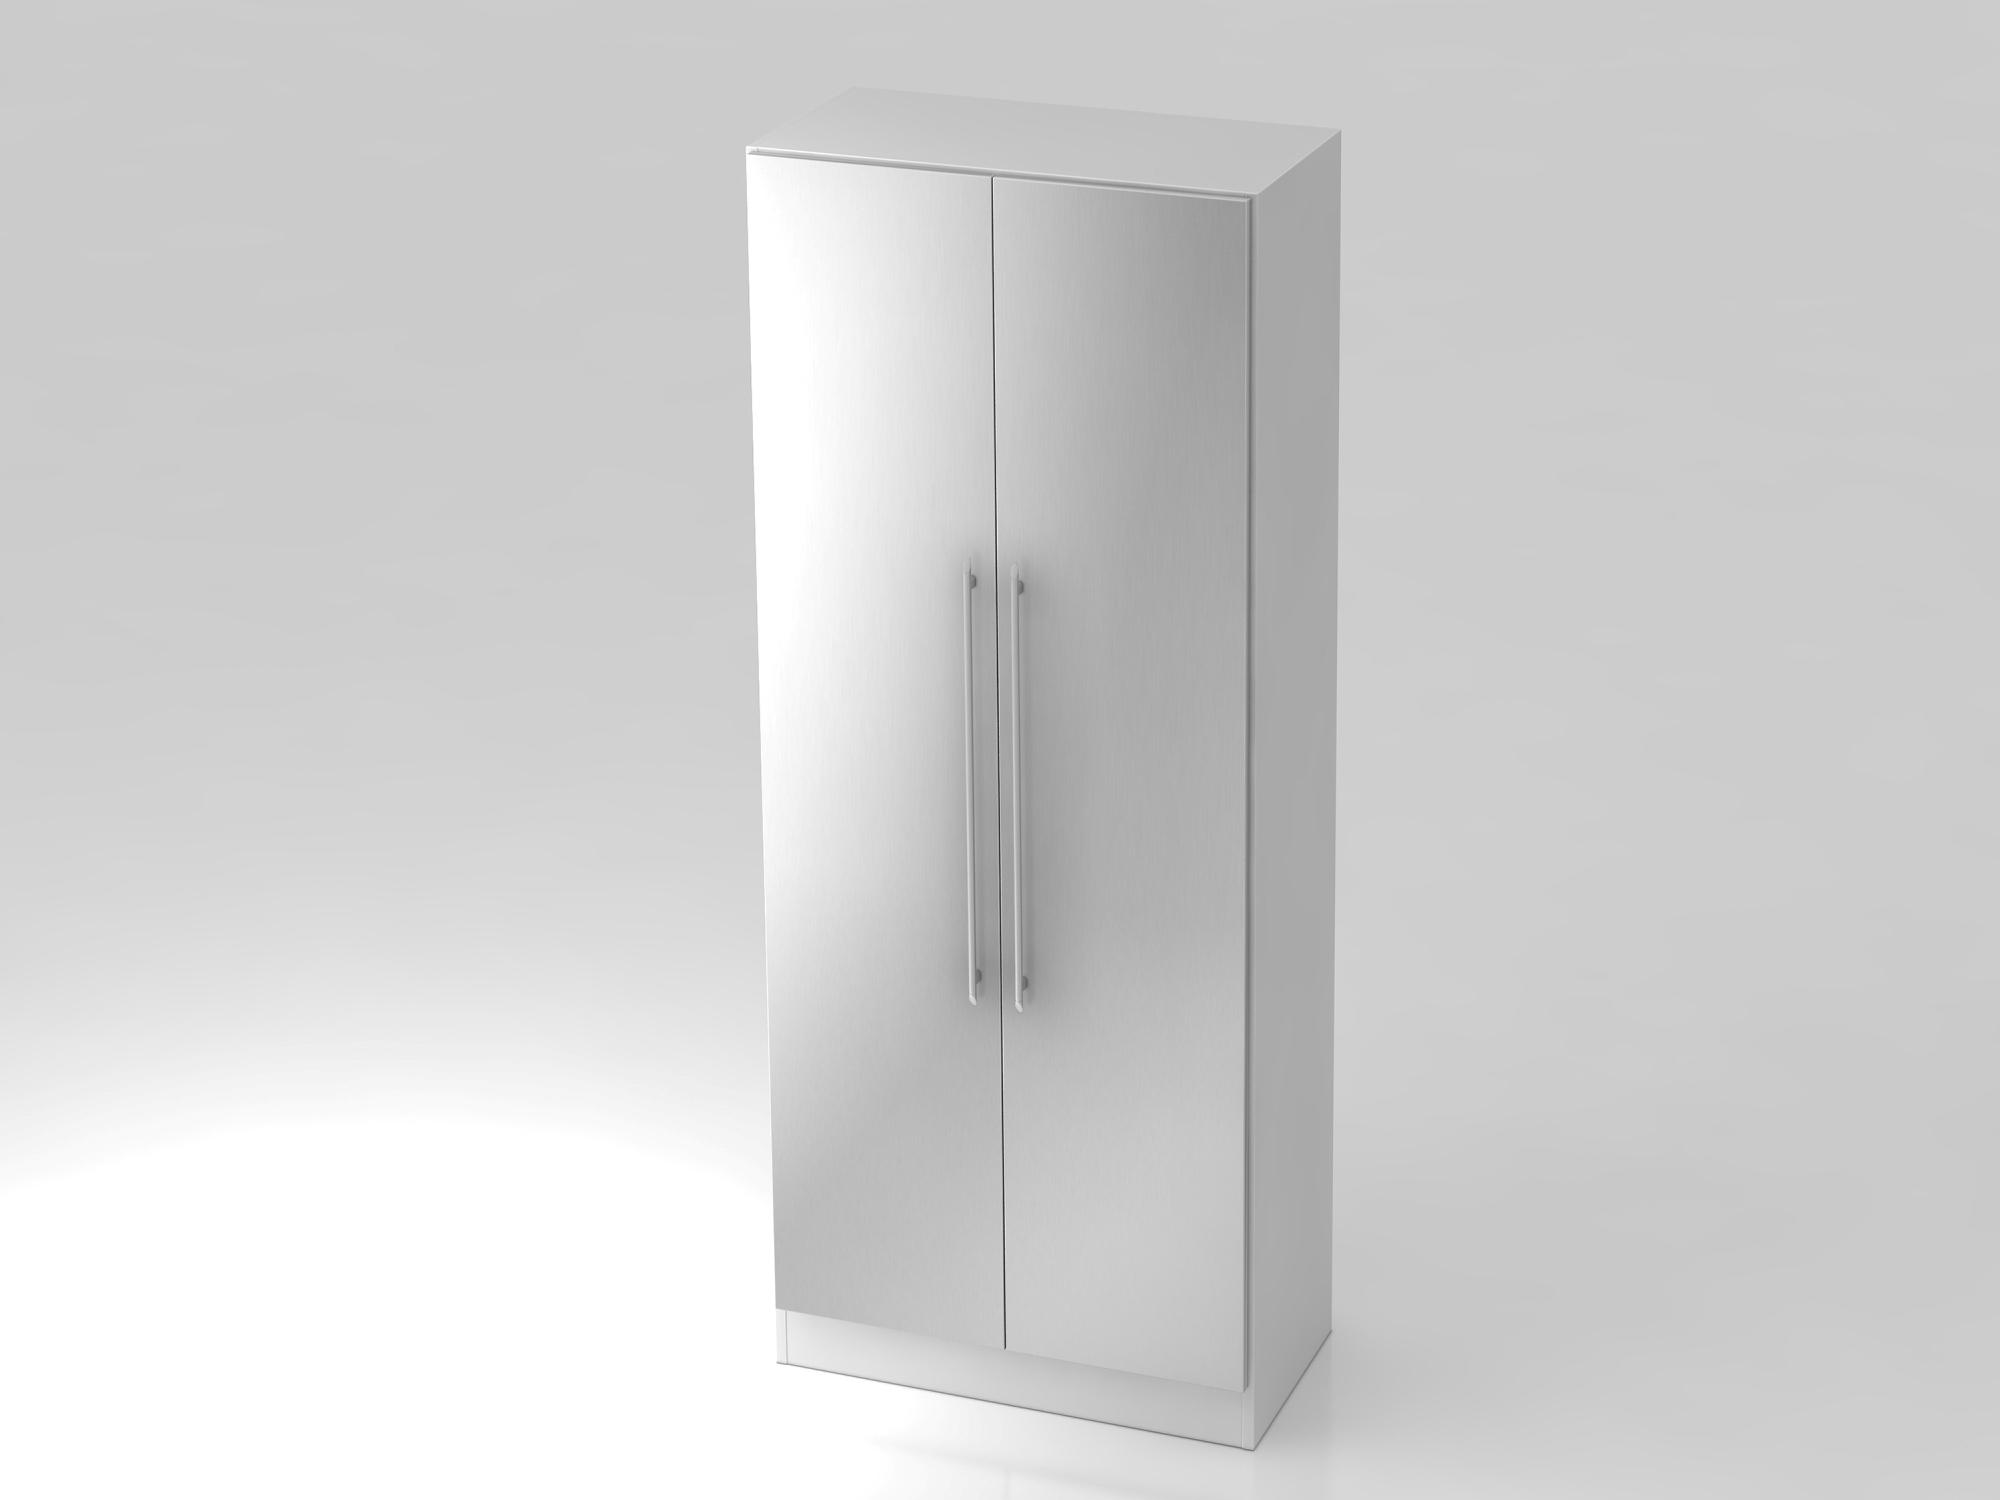 Garderobenschrank 5OH,SO-Bl. RE Weiß/Silber